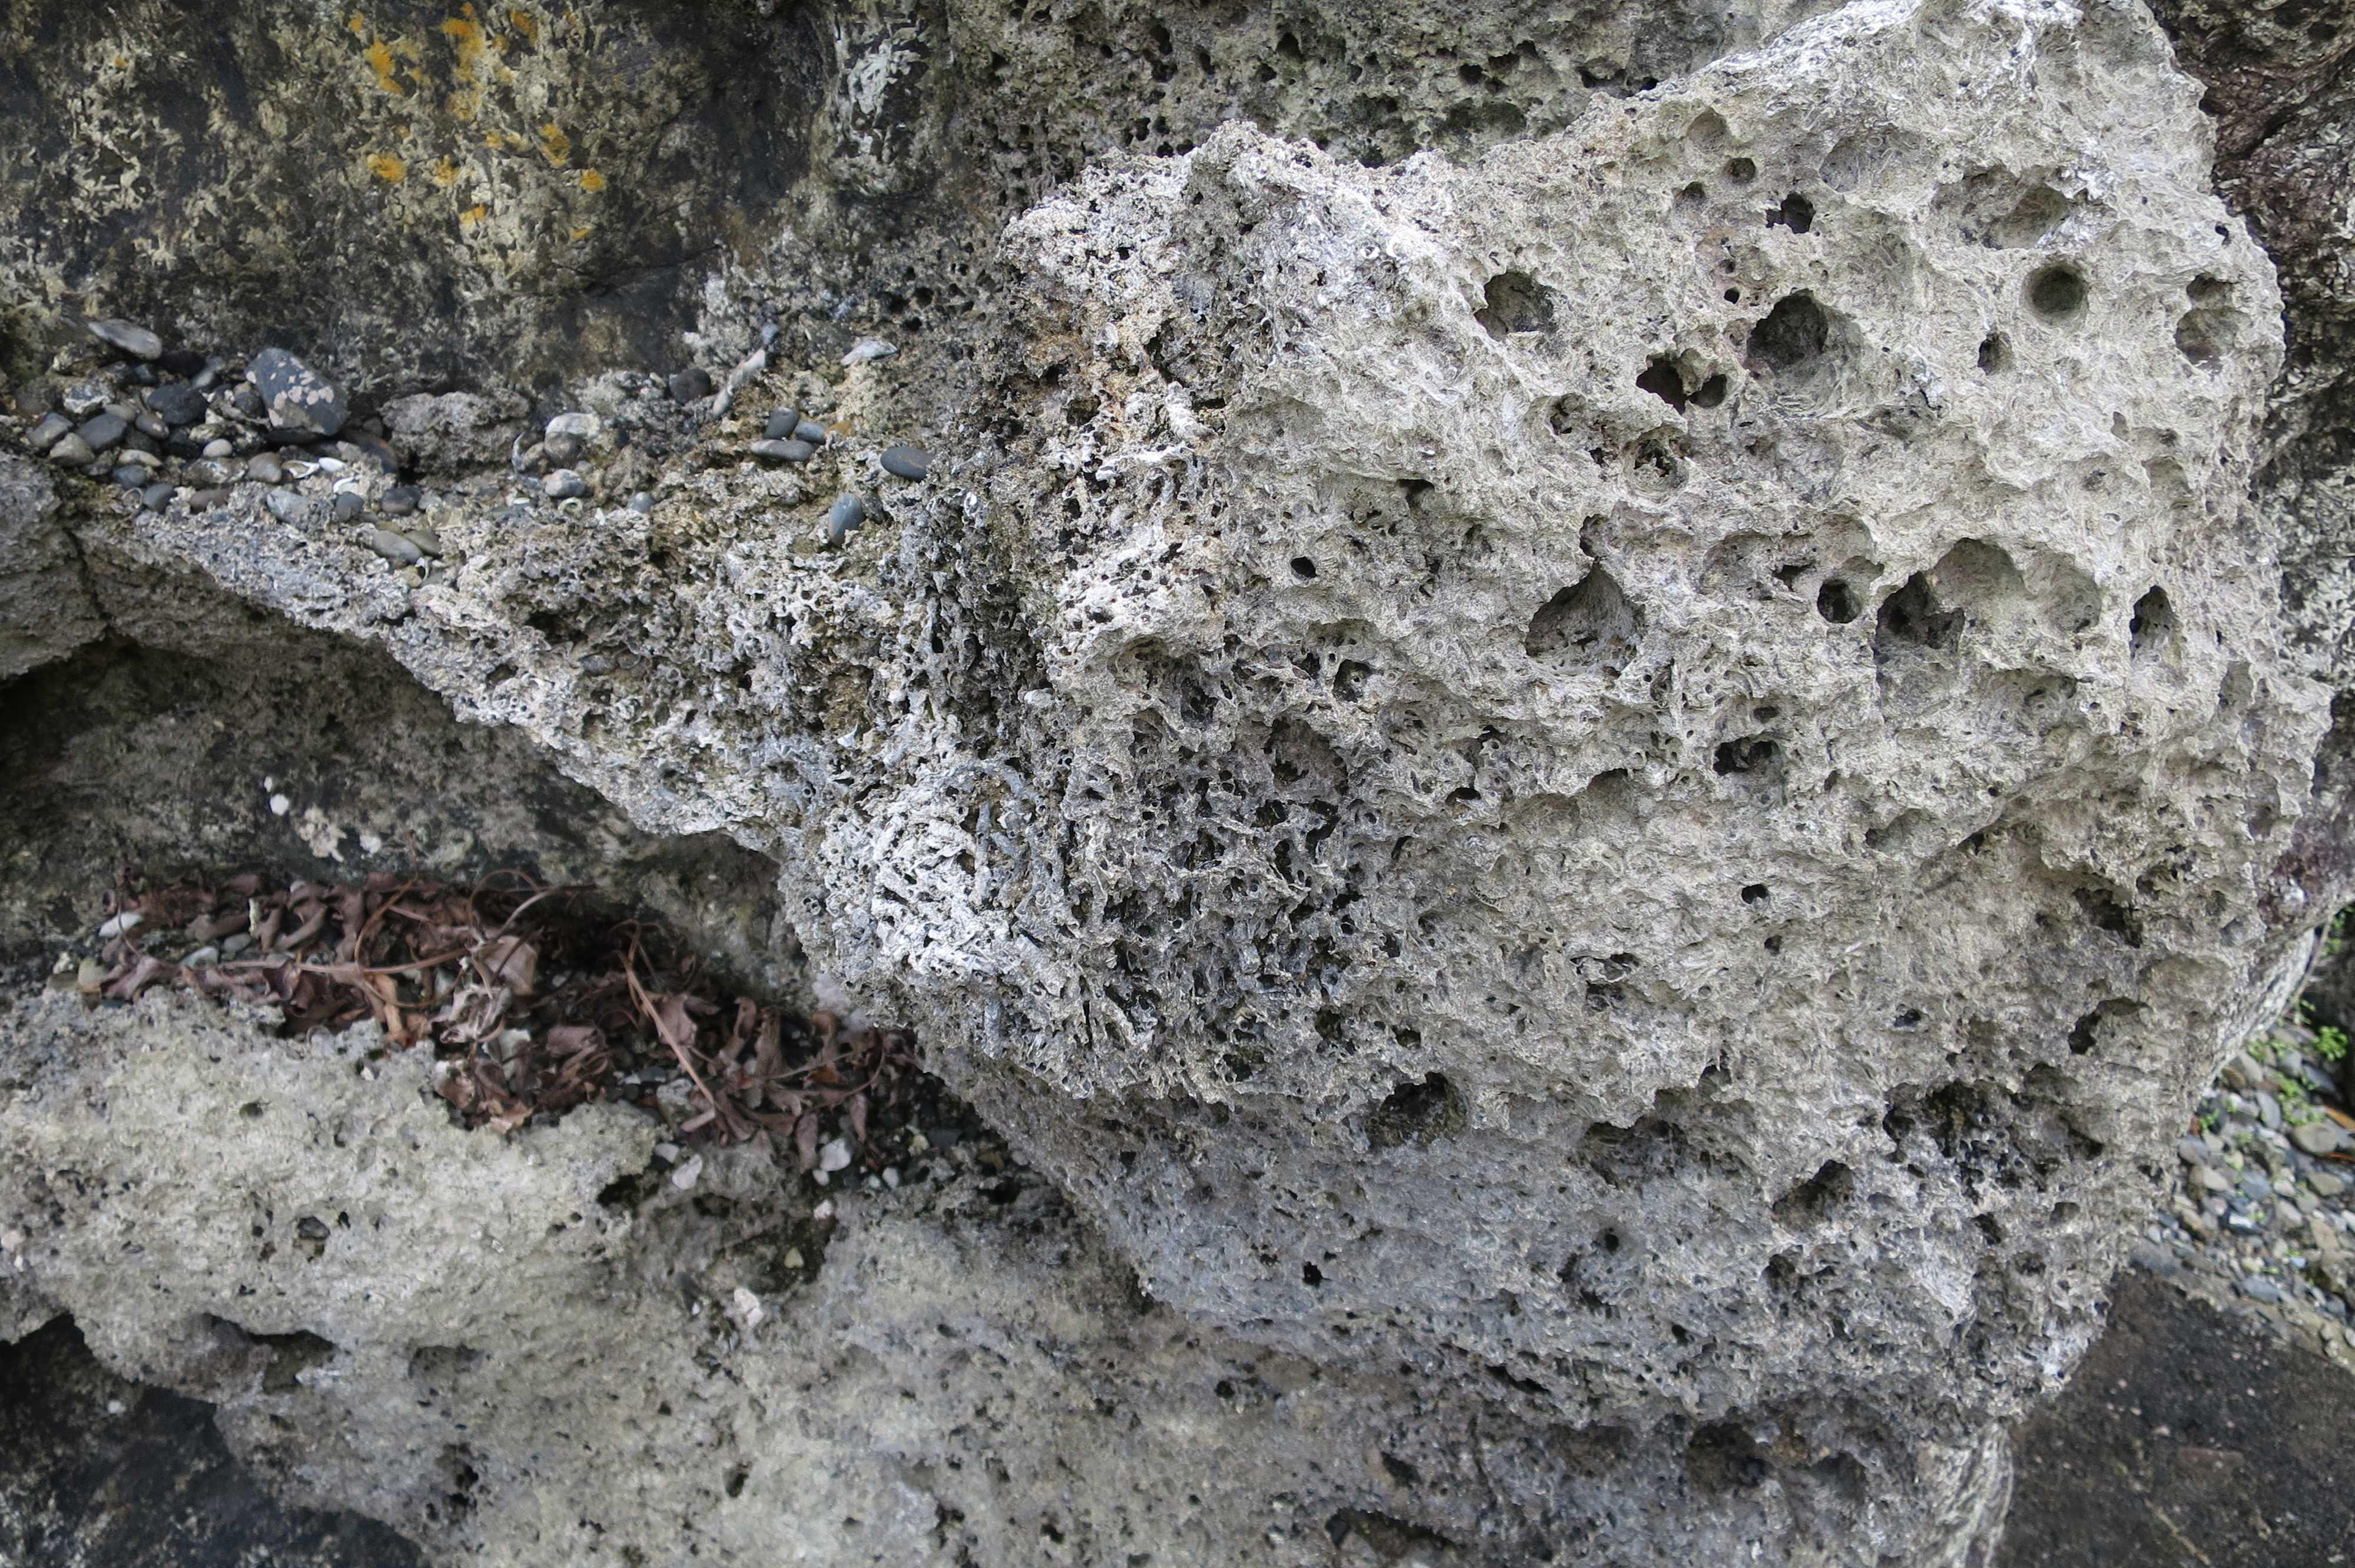 ヤッコカンザシの巣の化石 - 室戸岬 乱礁遊歩道